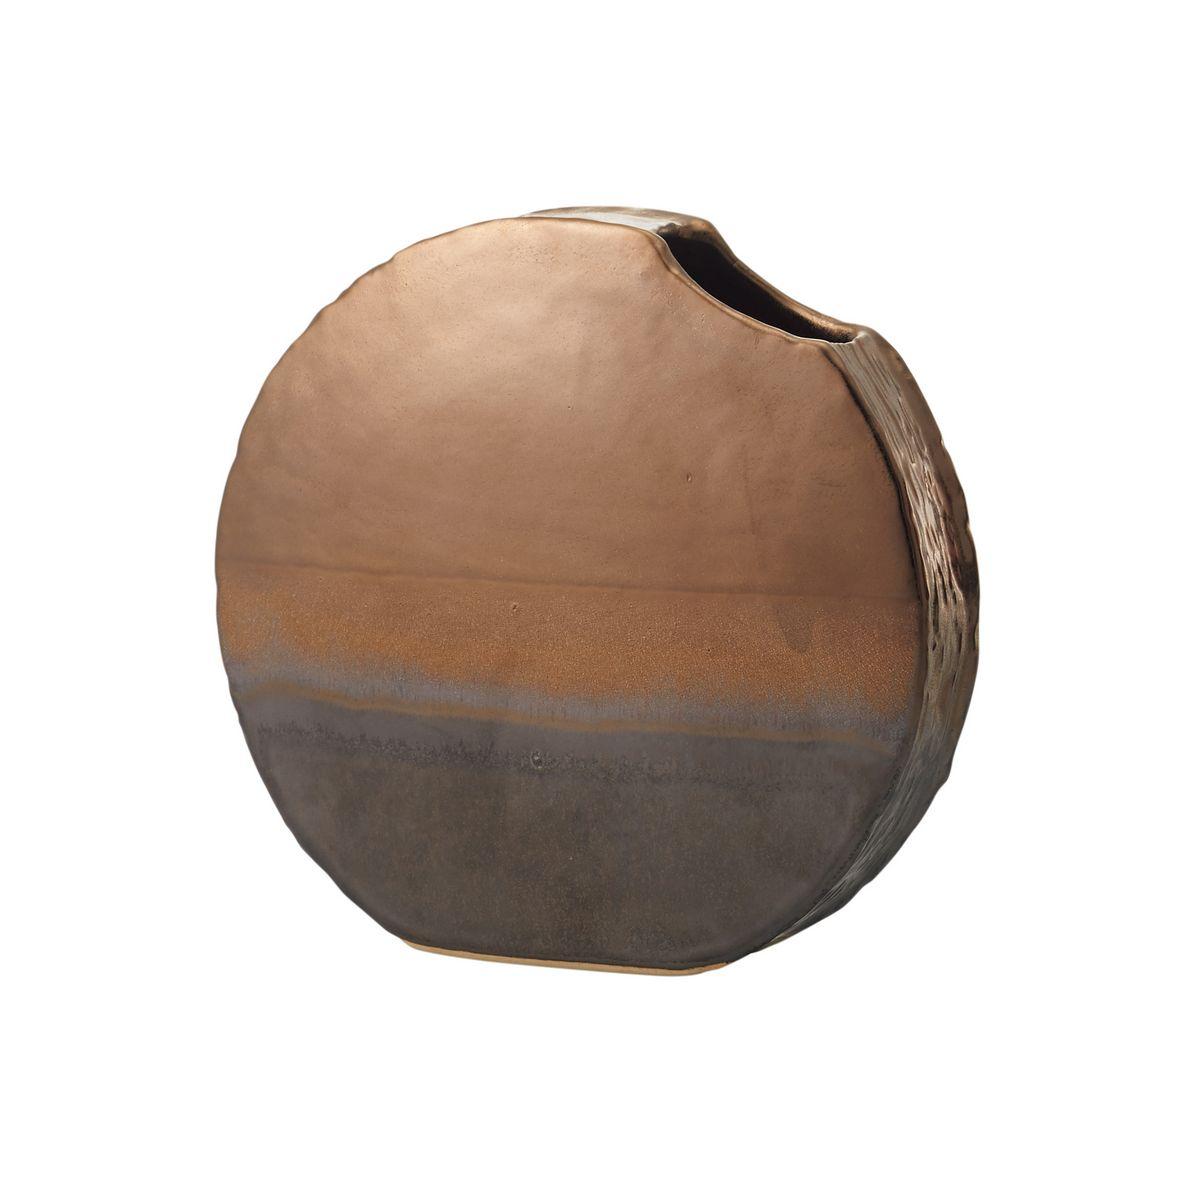 花材・フラワーアレンジメント資材, アレンジメント用花器 lunar mare BROWN METALLIC177-356-20101